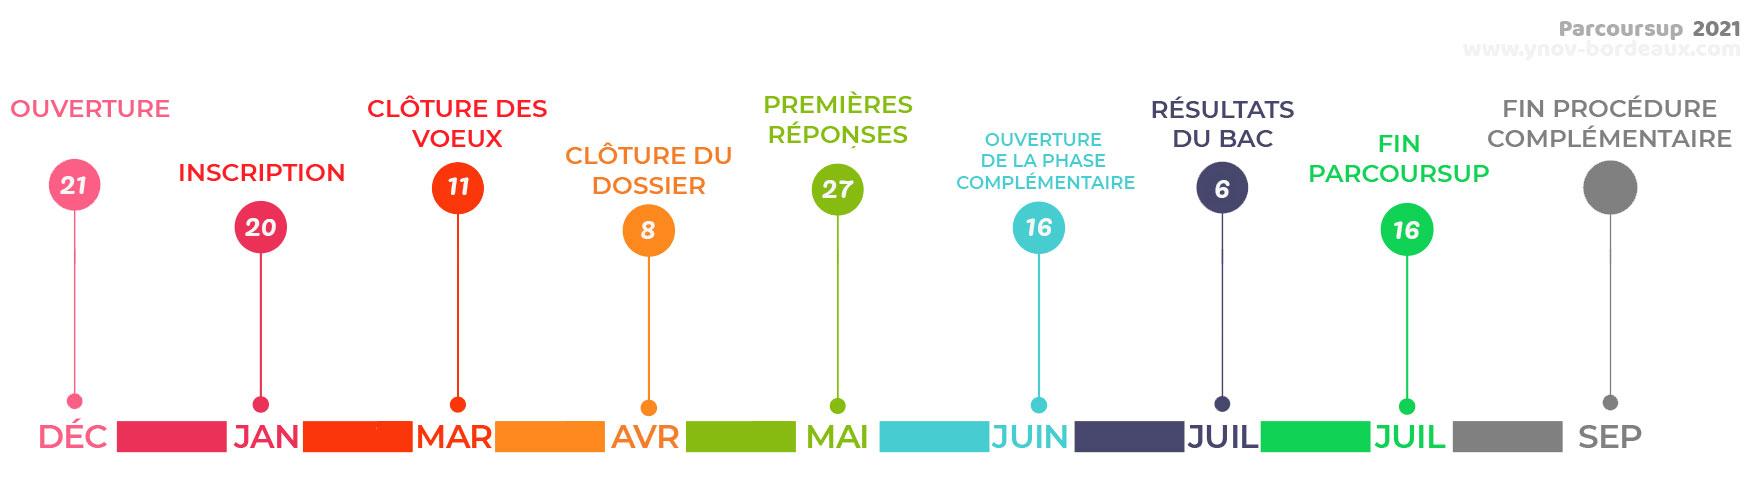 Parcoursup Calendrier 2021 Parcoursup 2021 : Calendrier   Bordeaux Ynov Campus